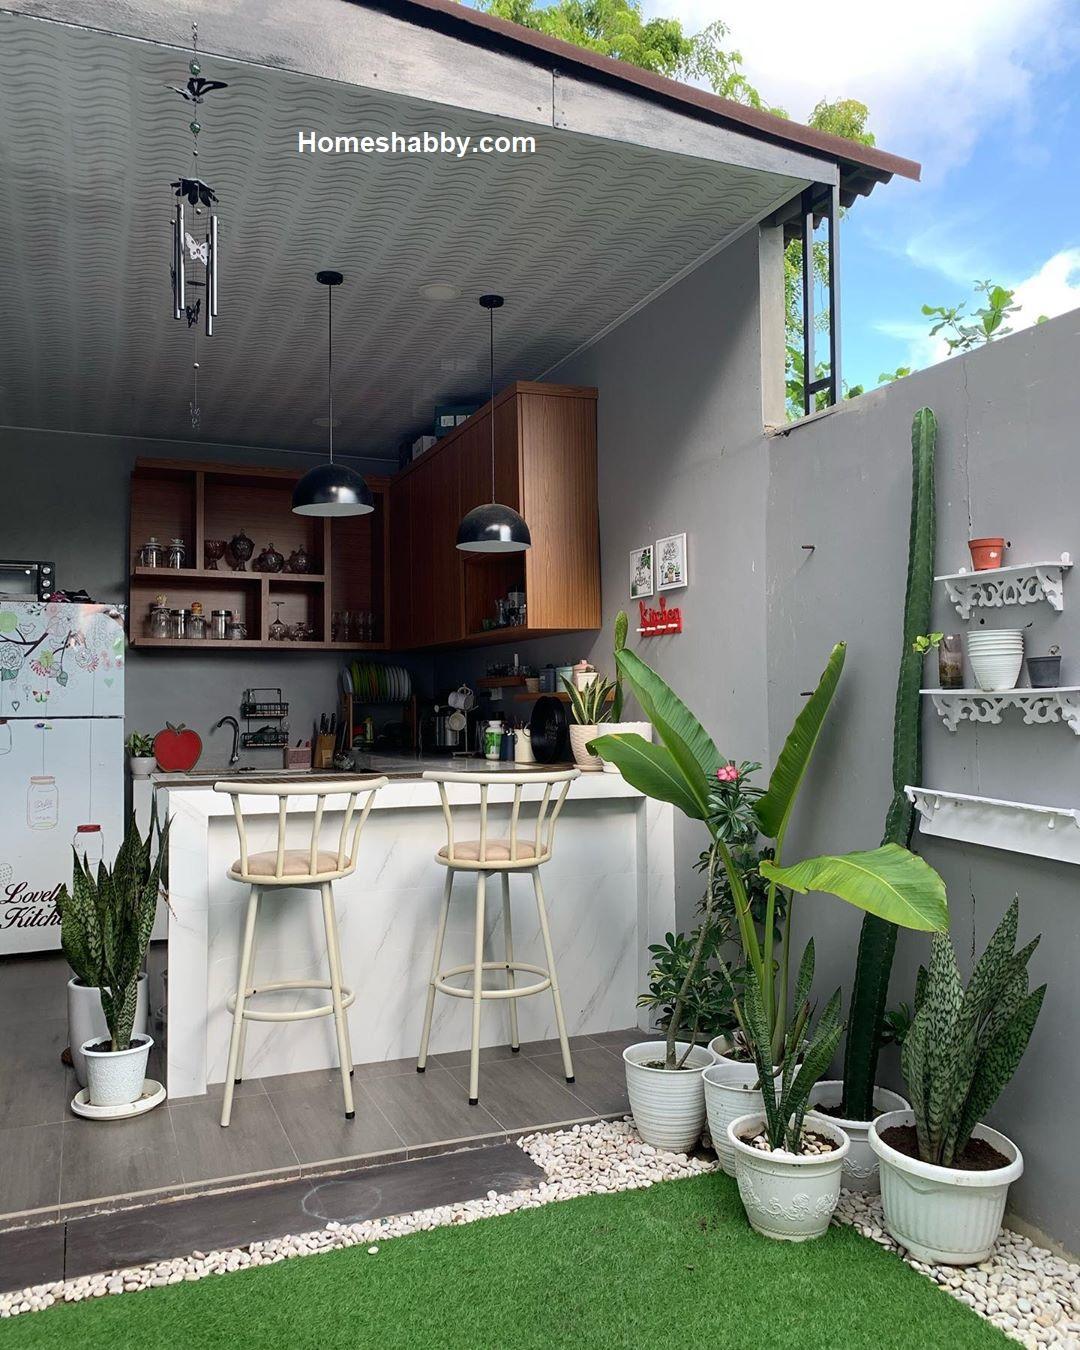 Inspirasi Desain Dapur Minimalis Terbuka Bikin Memasak Lebih Semangat Homeshabby Com Design Home Plans Home Decorating And Interior Design